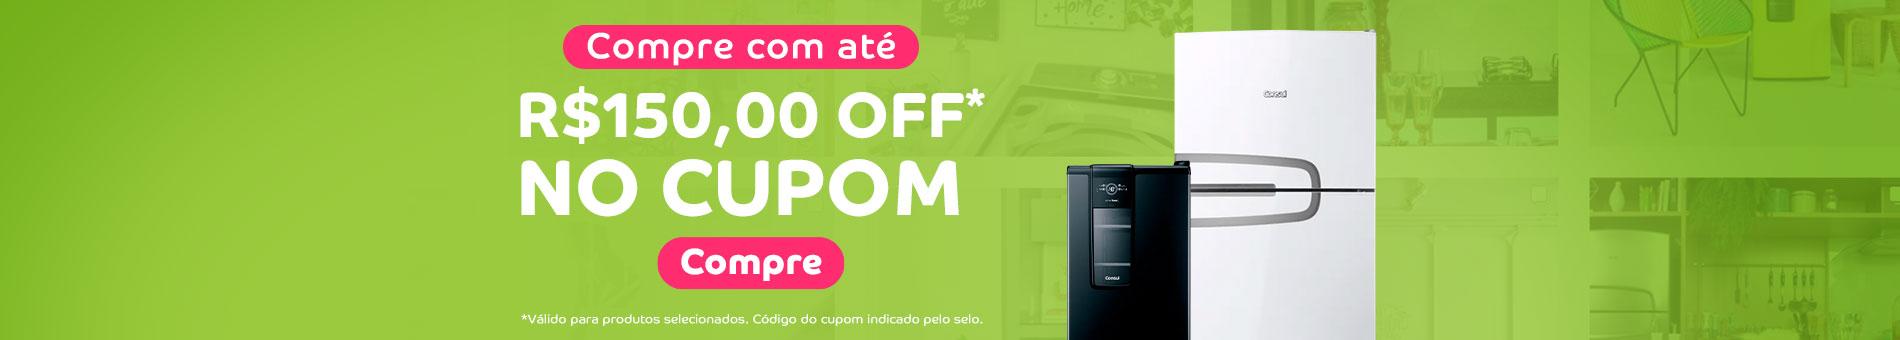 Promoção Interna - 4178 - queridinhos_ate-150-cupom_19102020_home1 - ate-150-cupom - 1